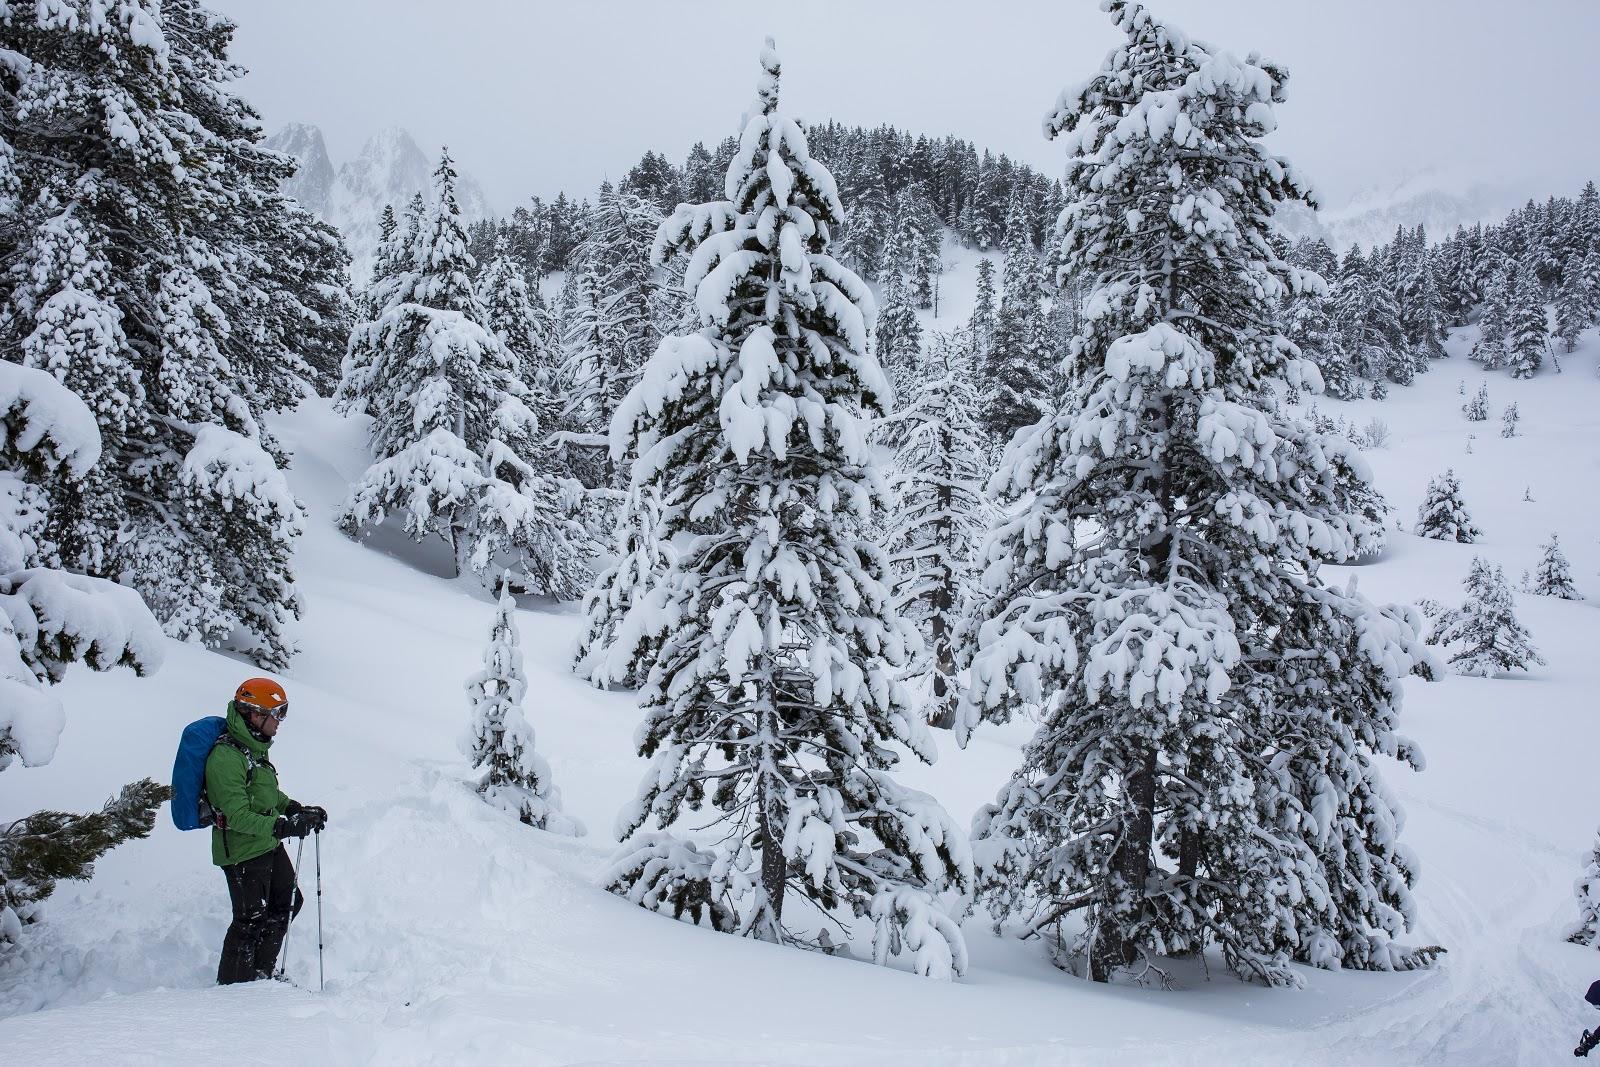 Skier în Espot după o zăpadă excelentă (/ div>